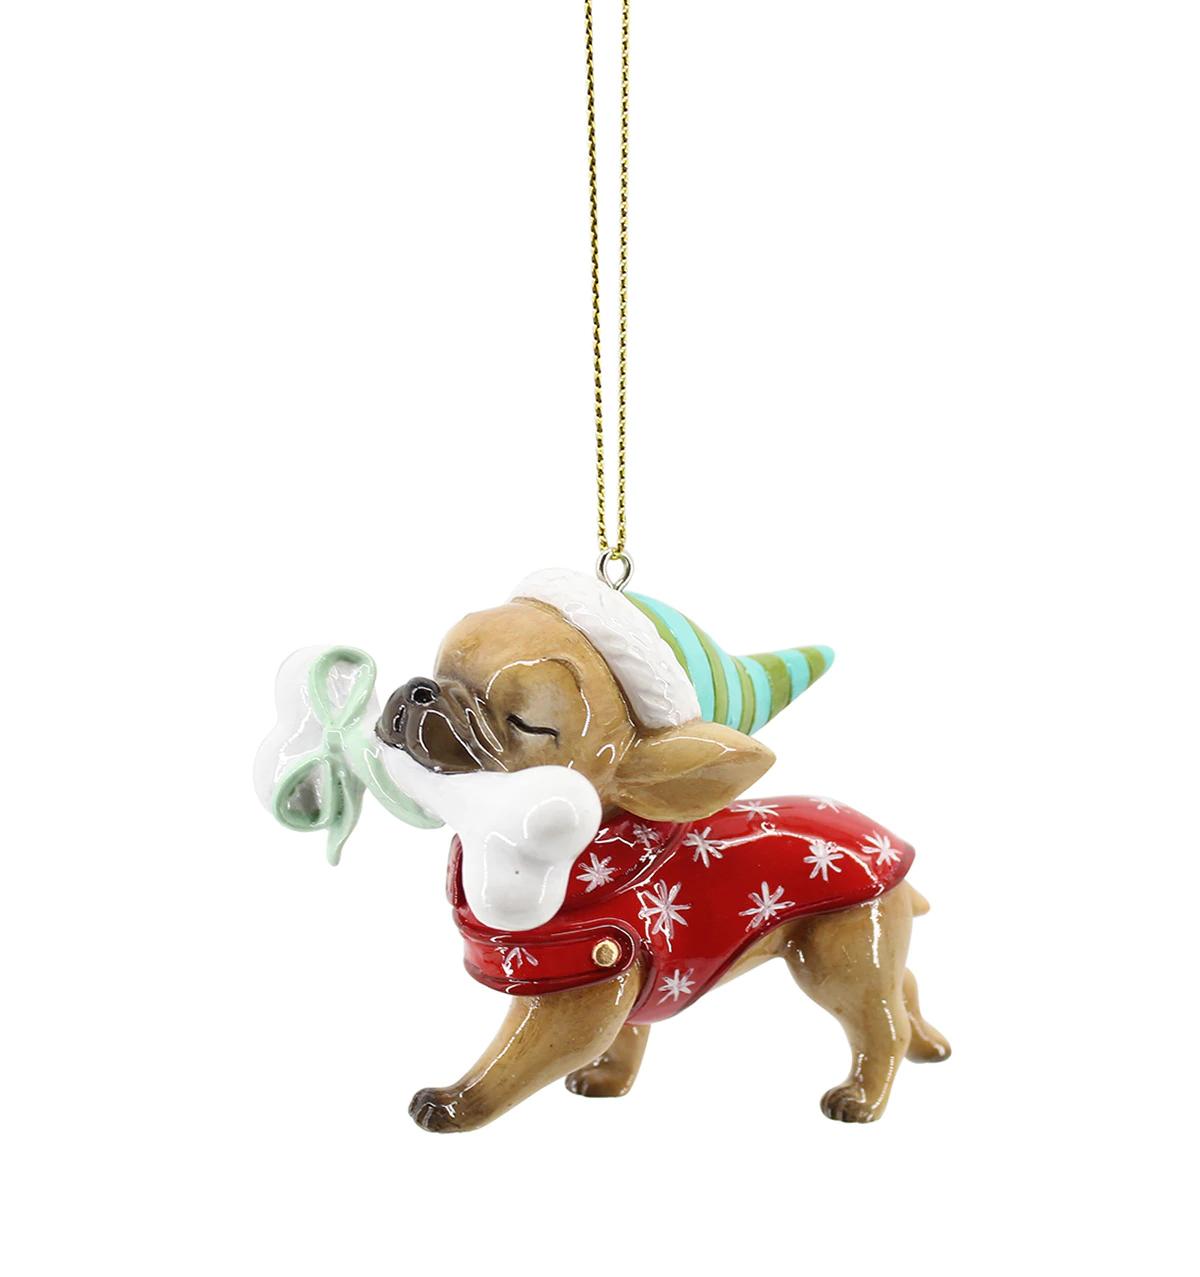 Colgante de Navidad con forma de bulldog